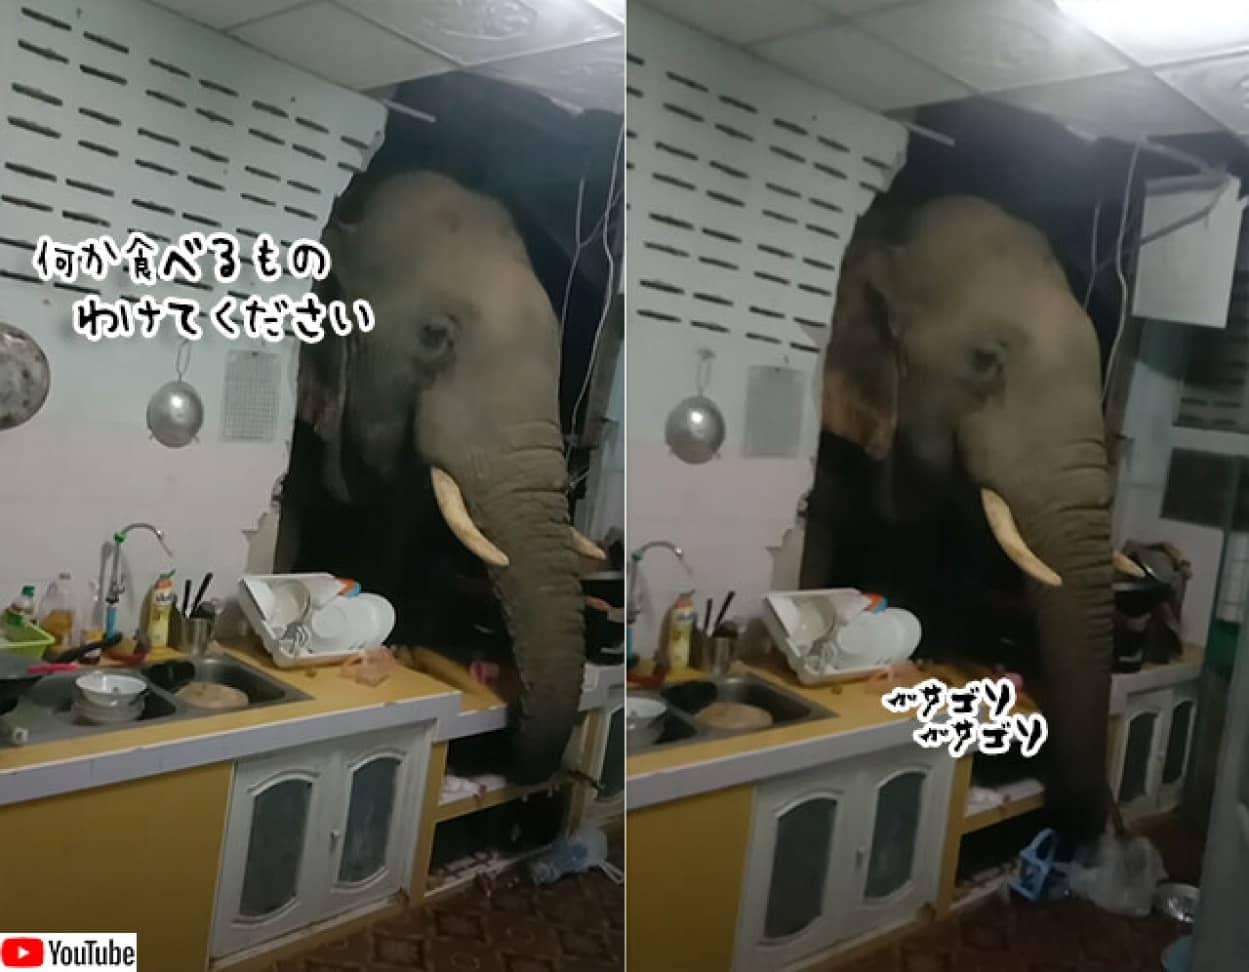 台所の壁をぶち抜いて、食べ物を探しにやってきた象